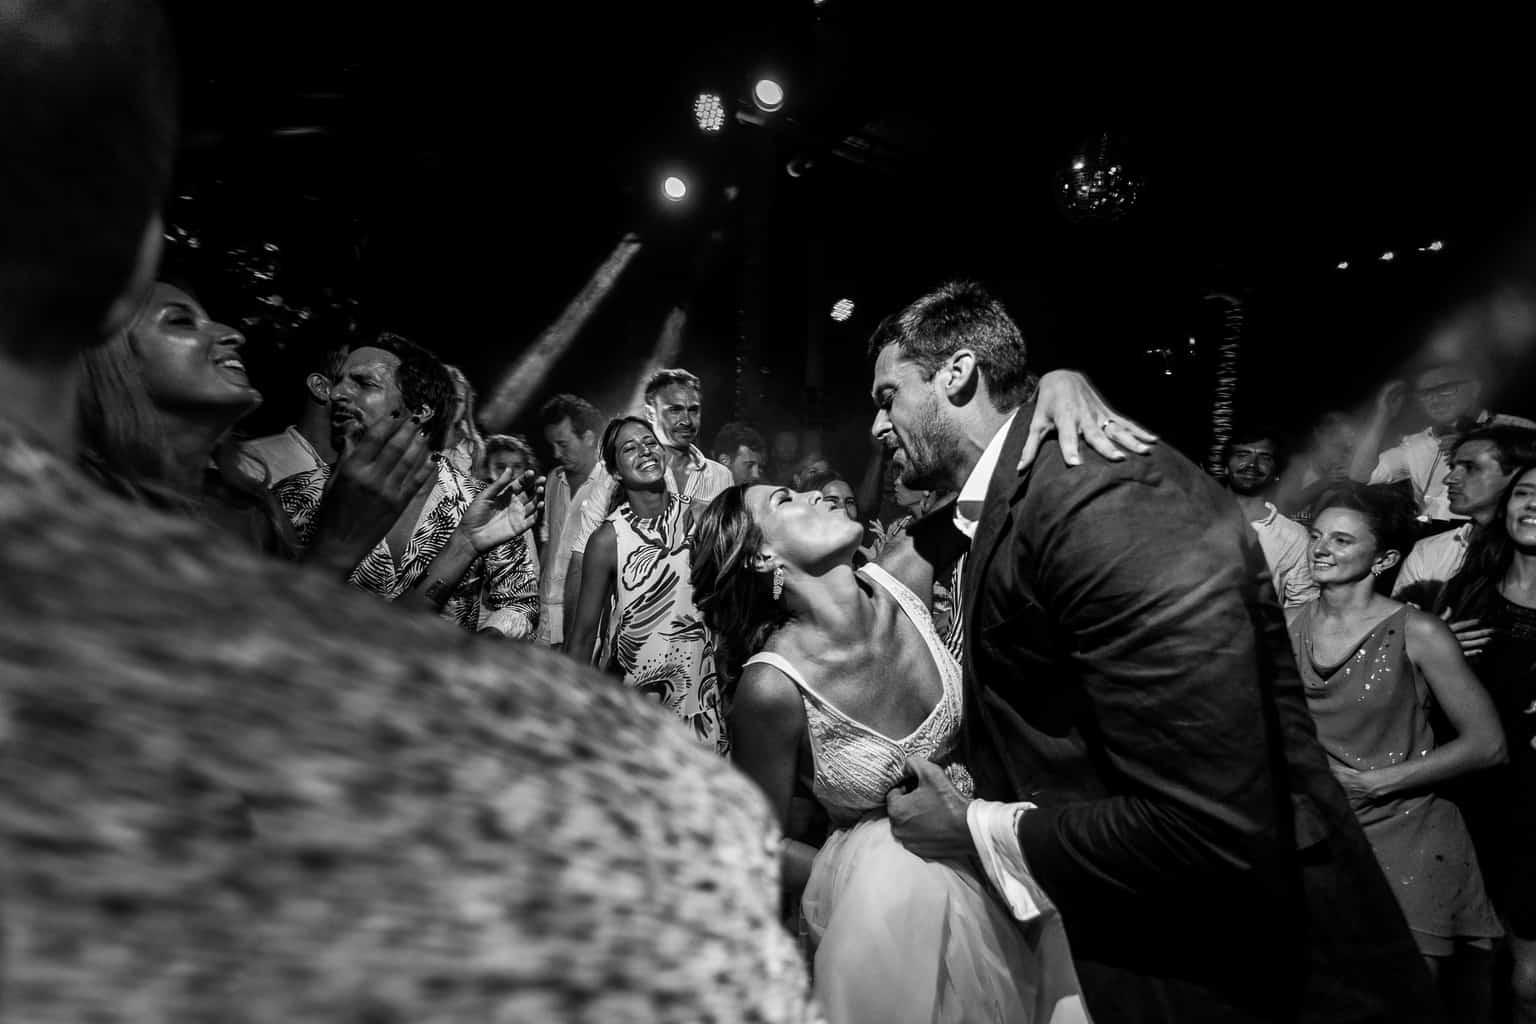 Casamento-Victoria-e-Christian-Fotografia-Tiago-Saldanha-Festa761_MG_1854